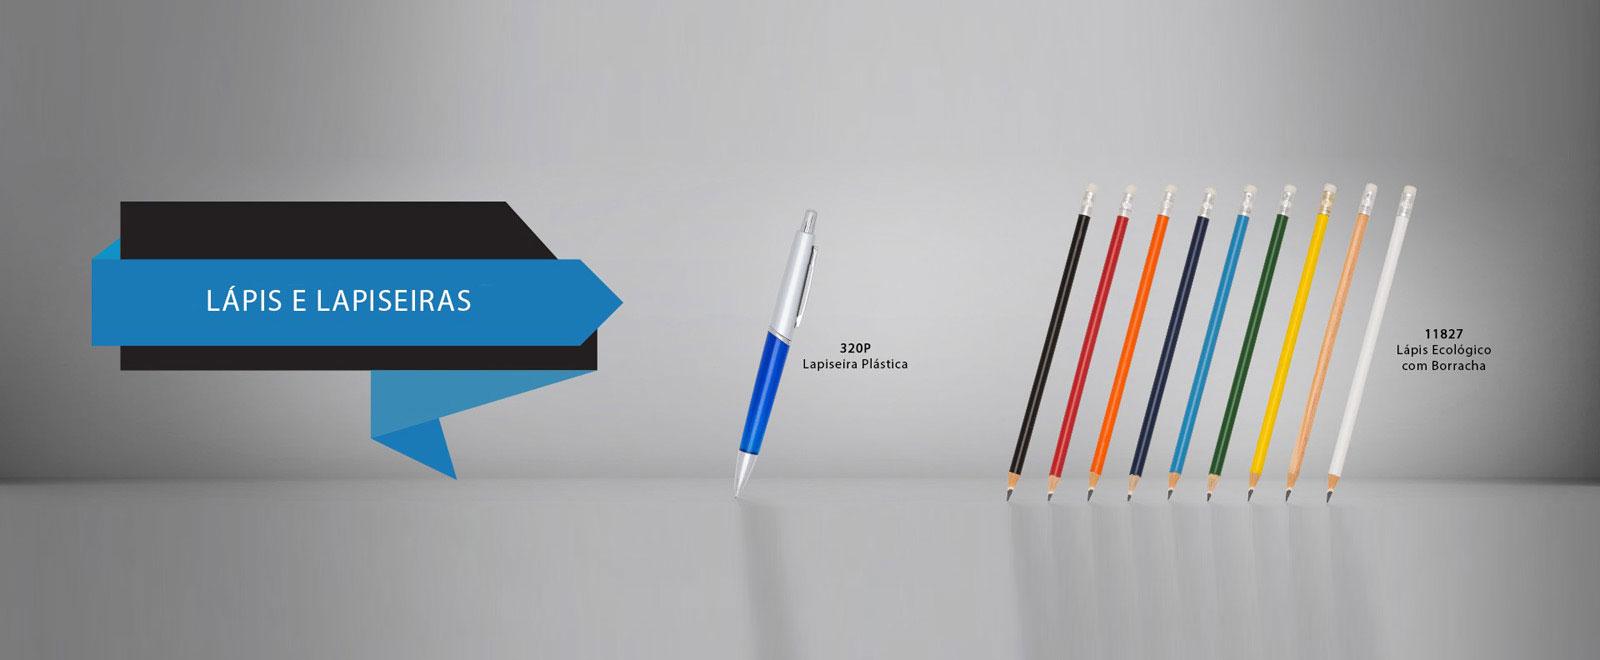 Lápis e Canetas Personalizados com sua Marca